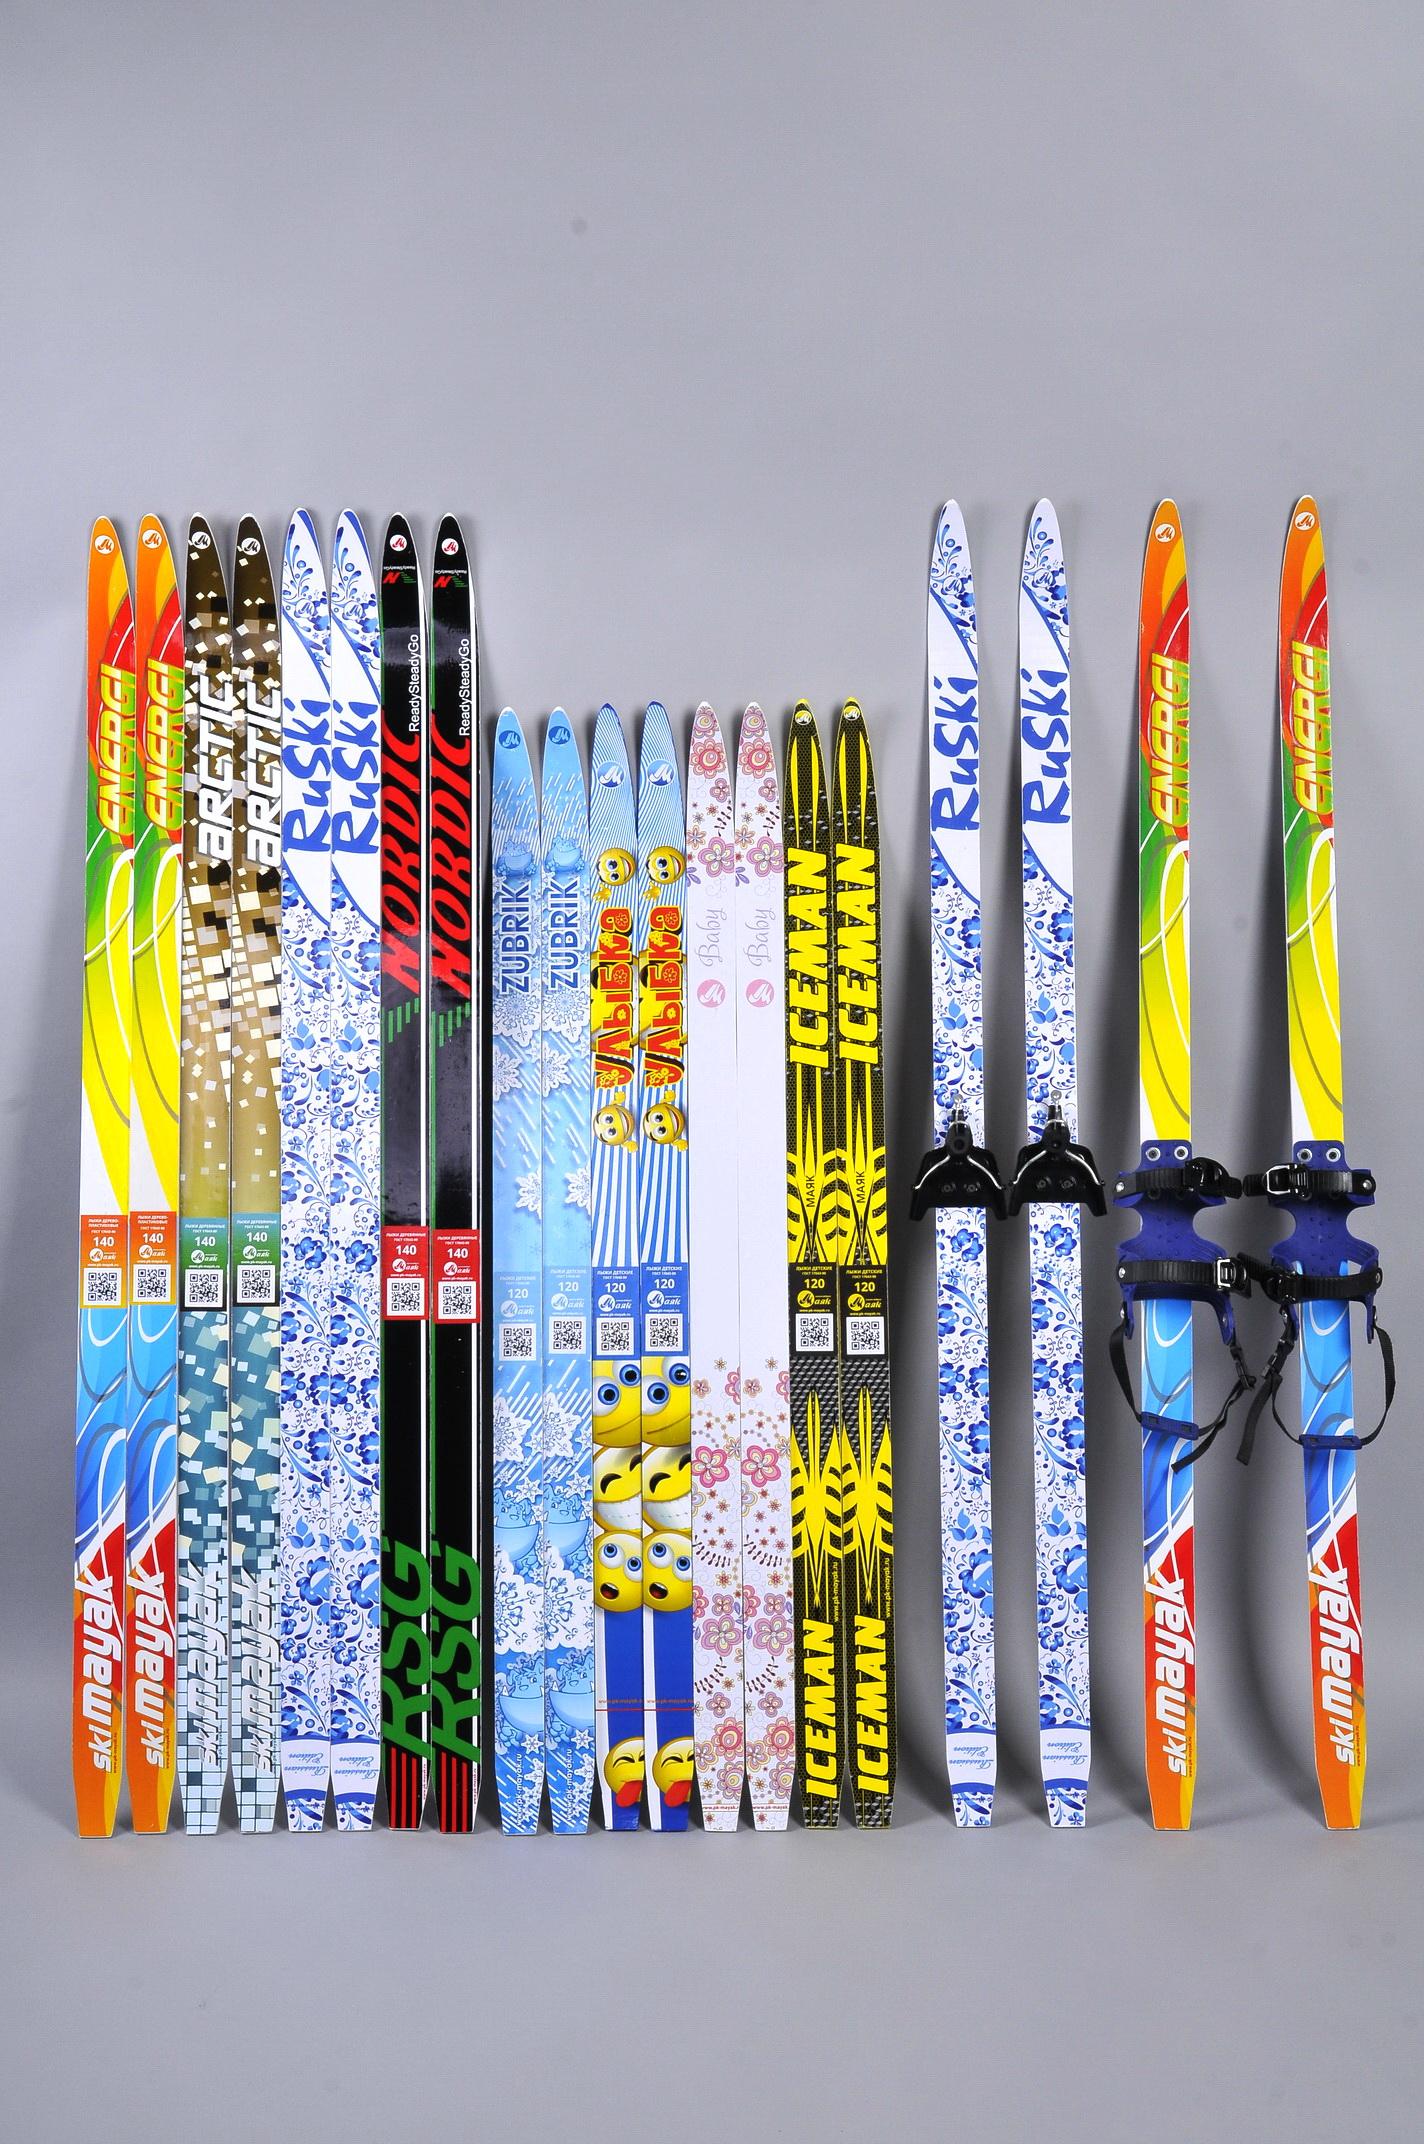 41f751733659 С 1 сентября по техническим причинам мы прекращаем производство детских,  подростковых и взрослых прогулочных лыж. Приносим свои извинения.